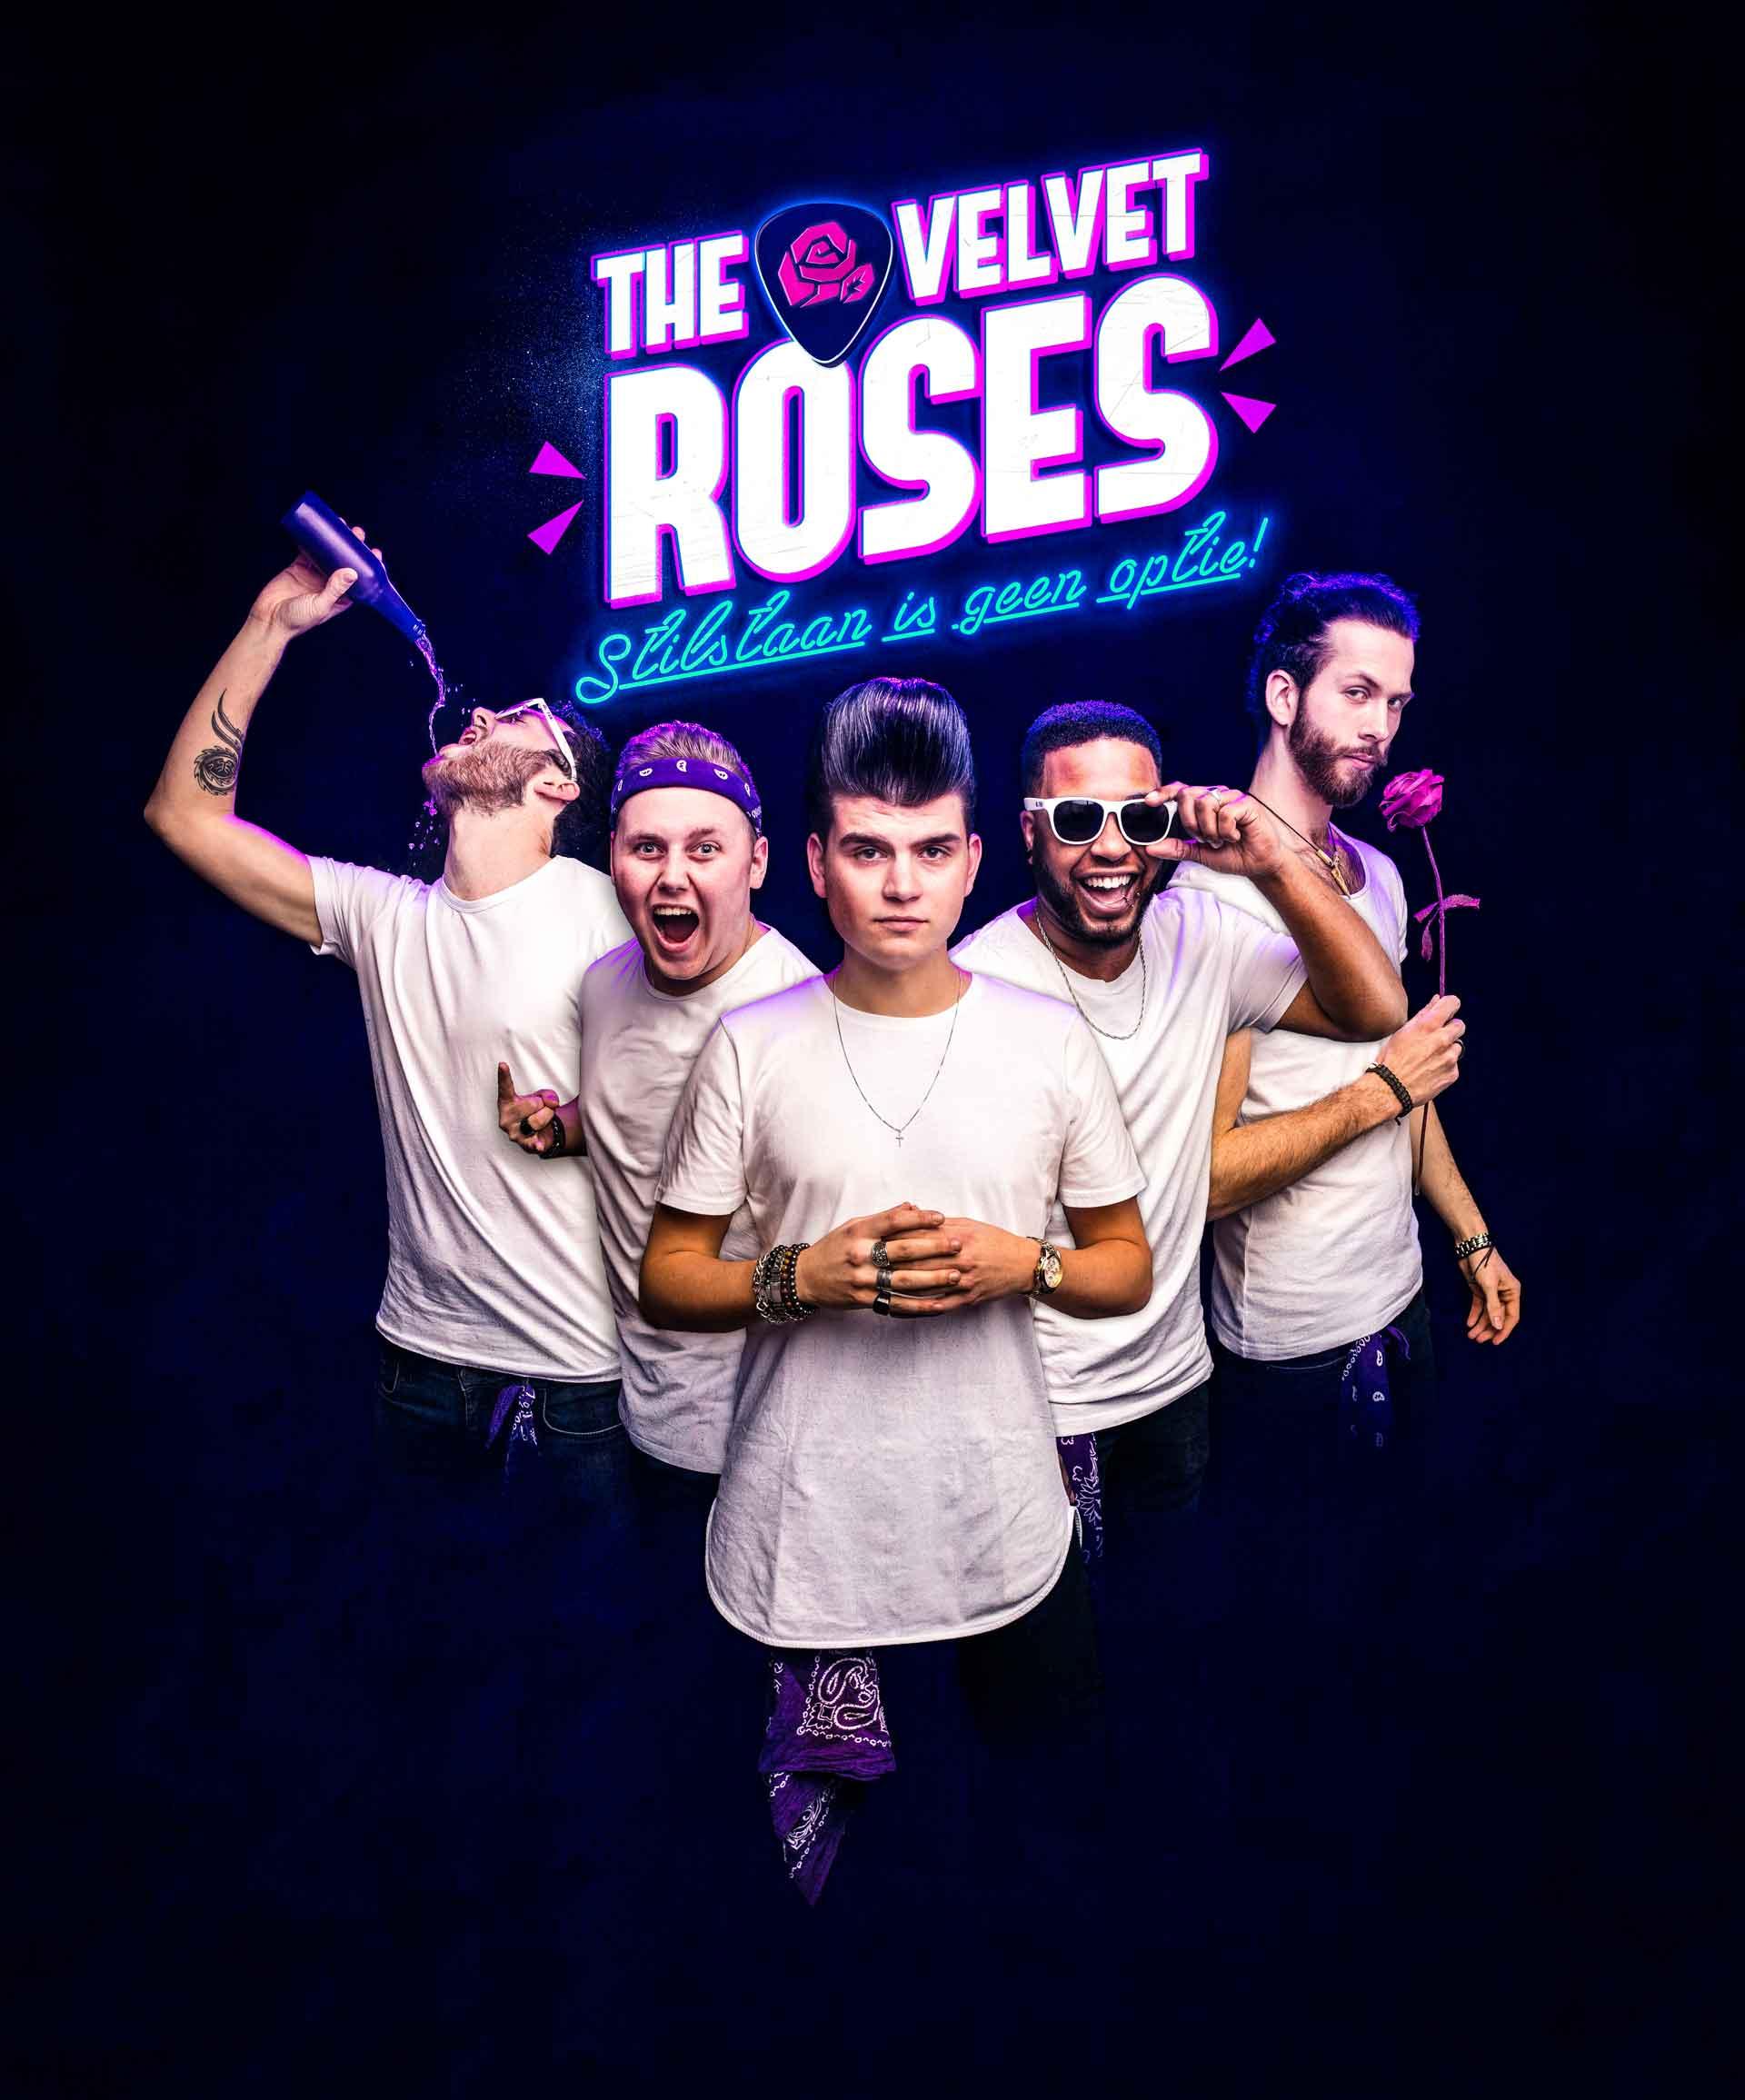 Coverband The Velvet Roses